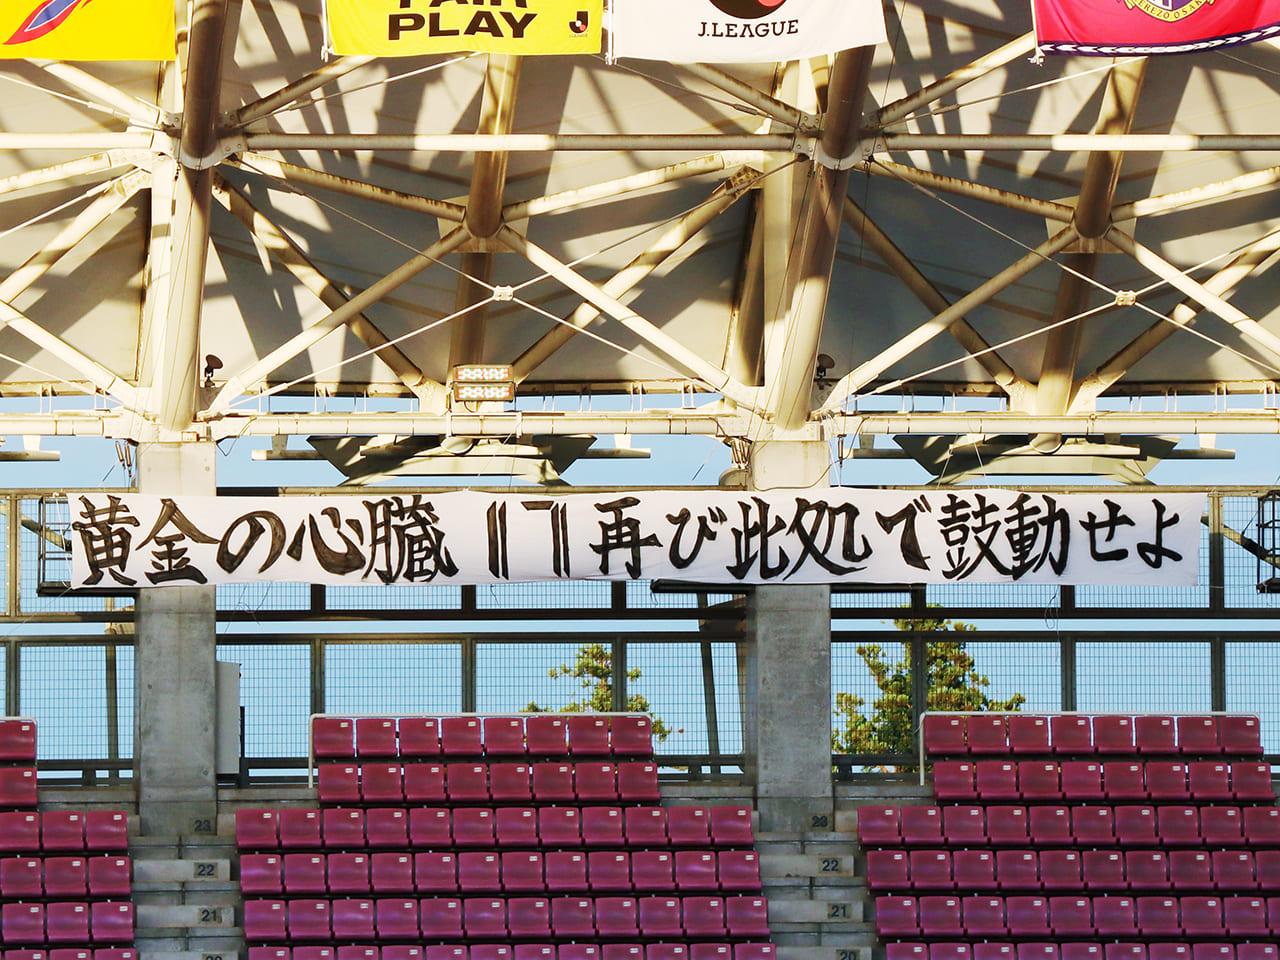 スタジアムの横断幕